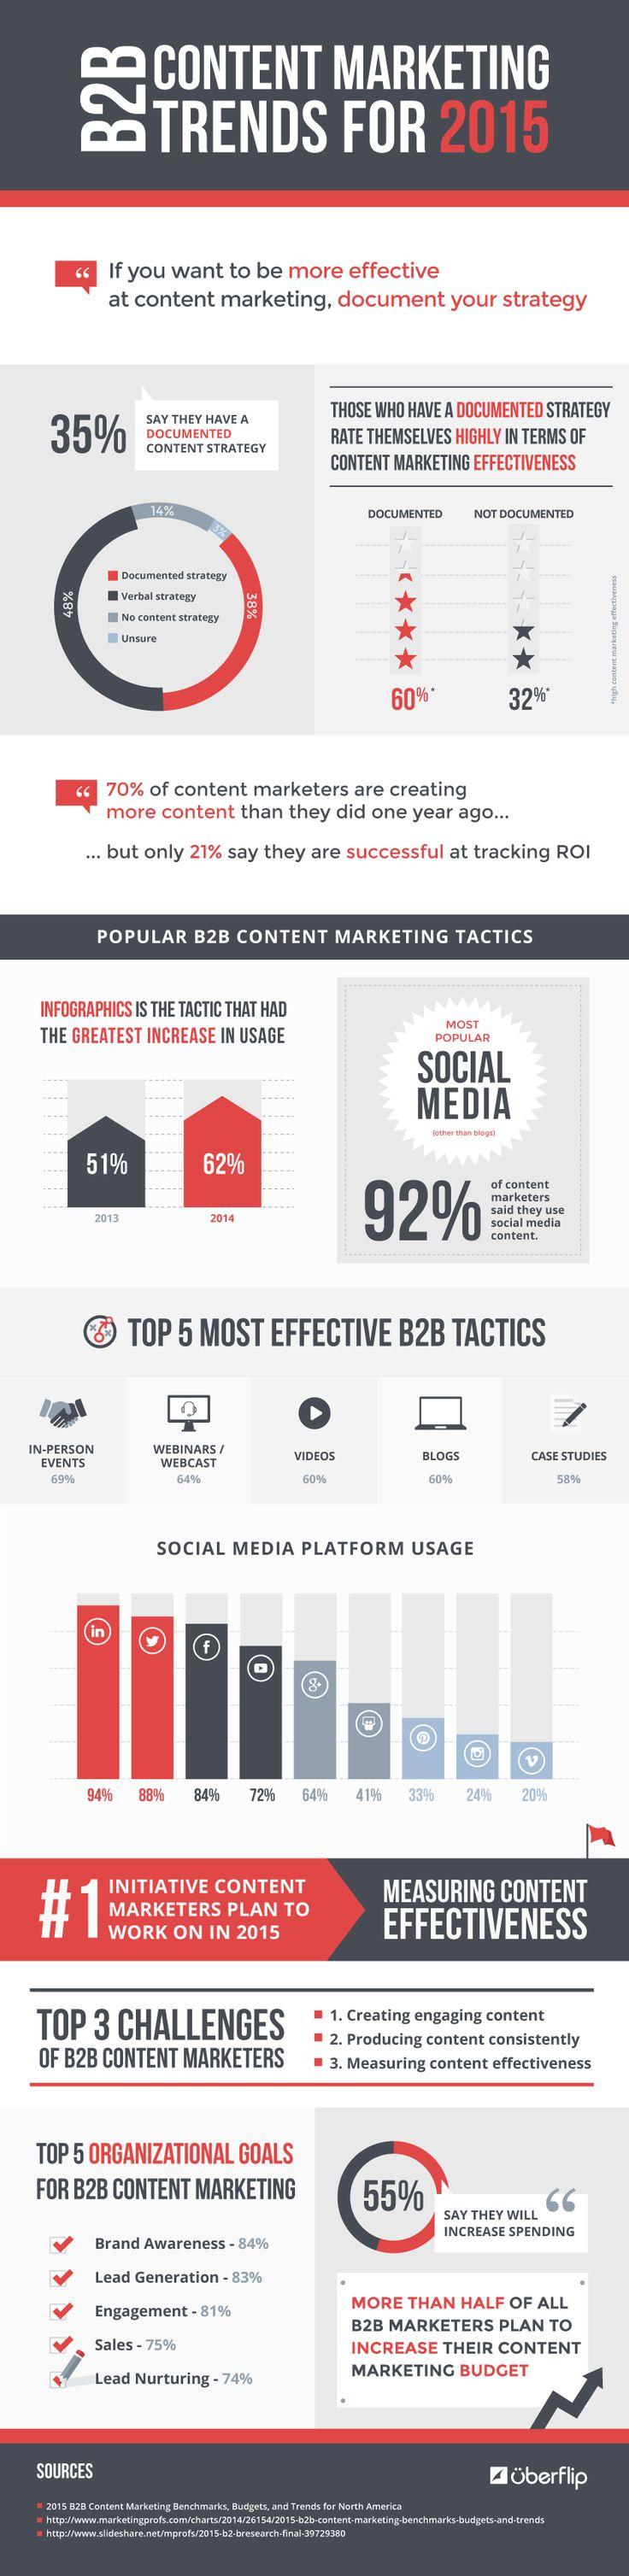 Content #Marketing: Les tendances B2B 2015  90 %  des marketeurs utilisent les réseaux sociaux, 70% des marketeurs créent plus de contenus que il y a un an pour répondre à objectifs B to B, LinkedIn est média social le plus recommandé & utilisé pour la préconisation d'actions marketing B to B. L'événementiel qui permet des contacts IRL, les conférences en ligne, vidéos, blogs et études de cas sont les actions les plus efficaces et sollicitées dans les stratégies de content marketing !